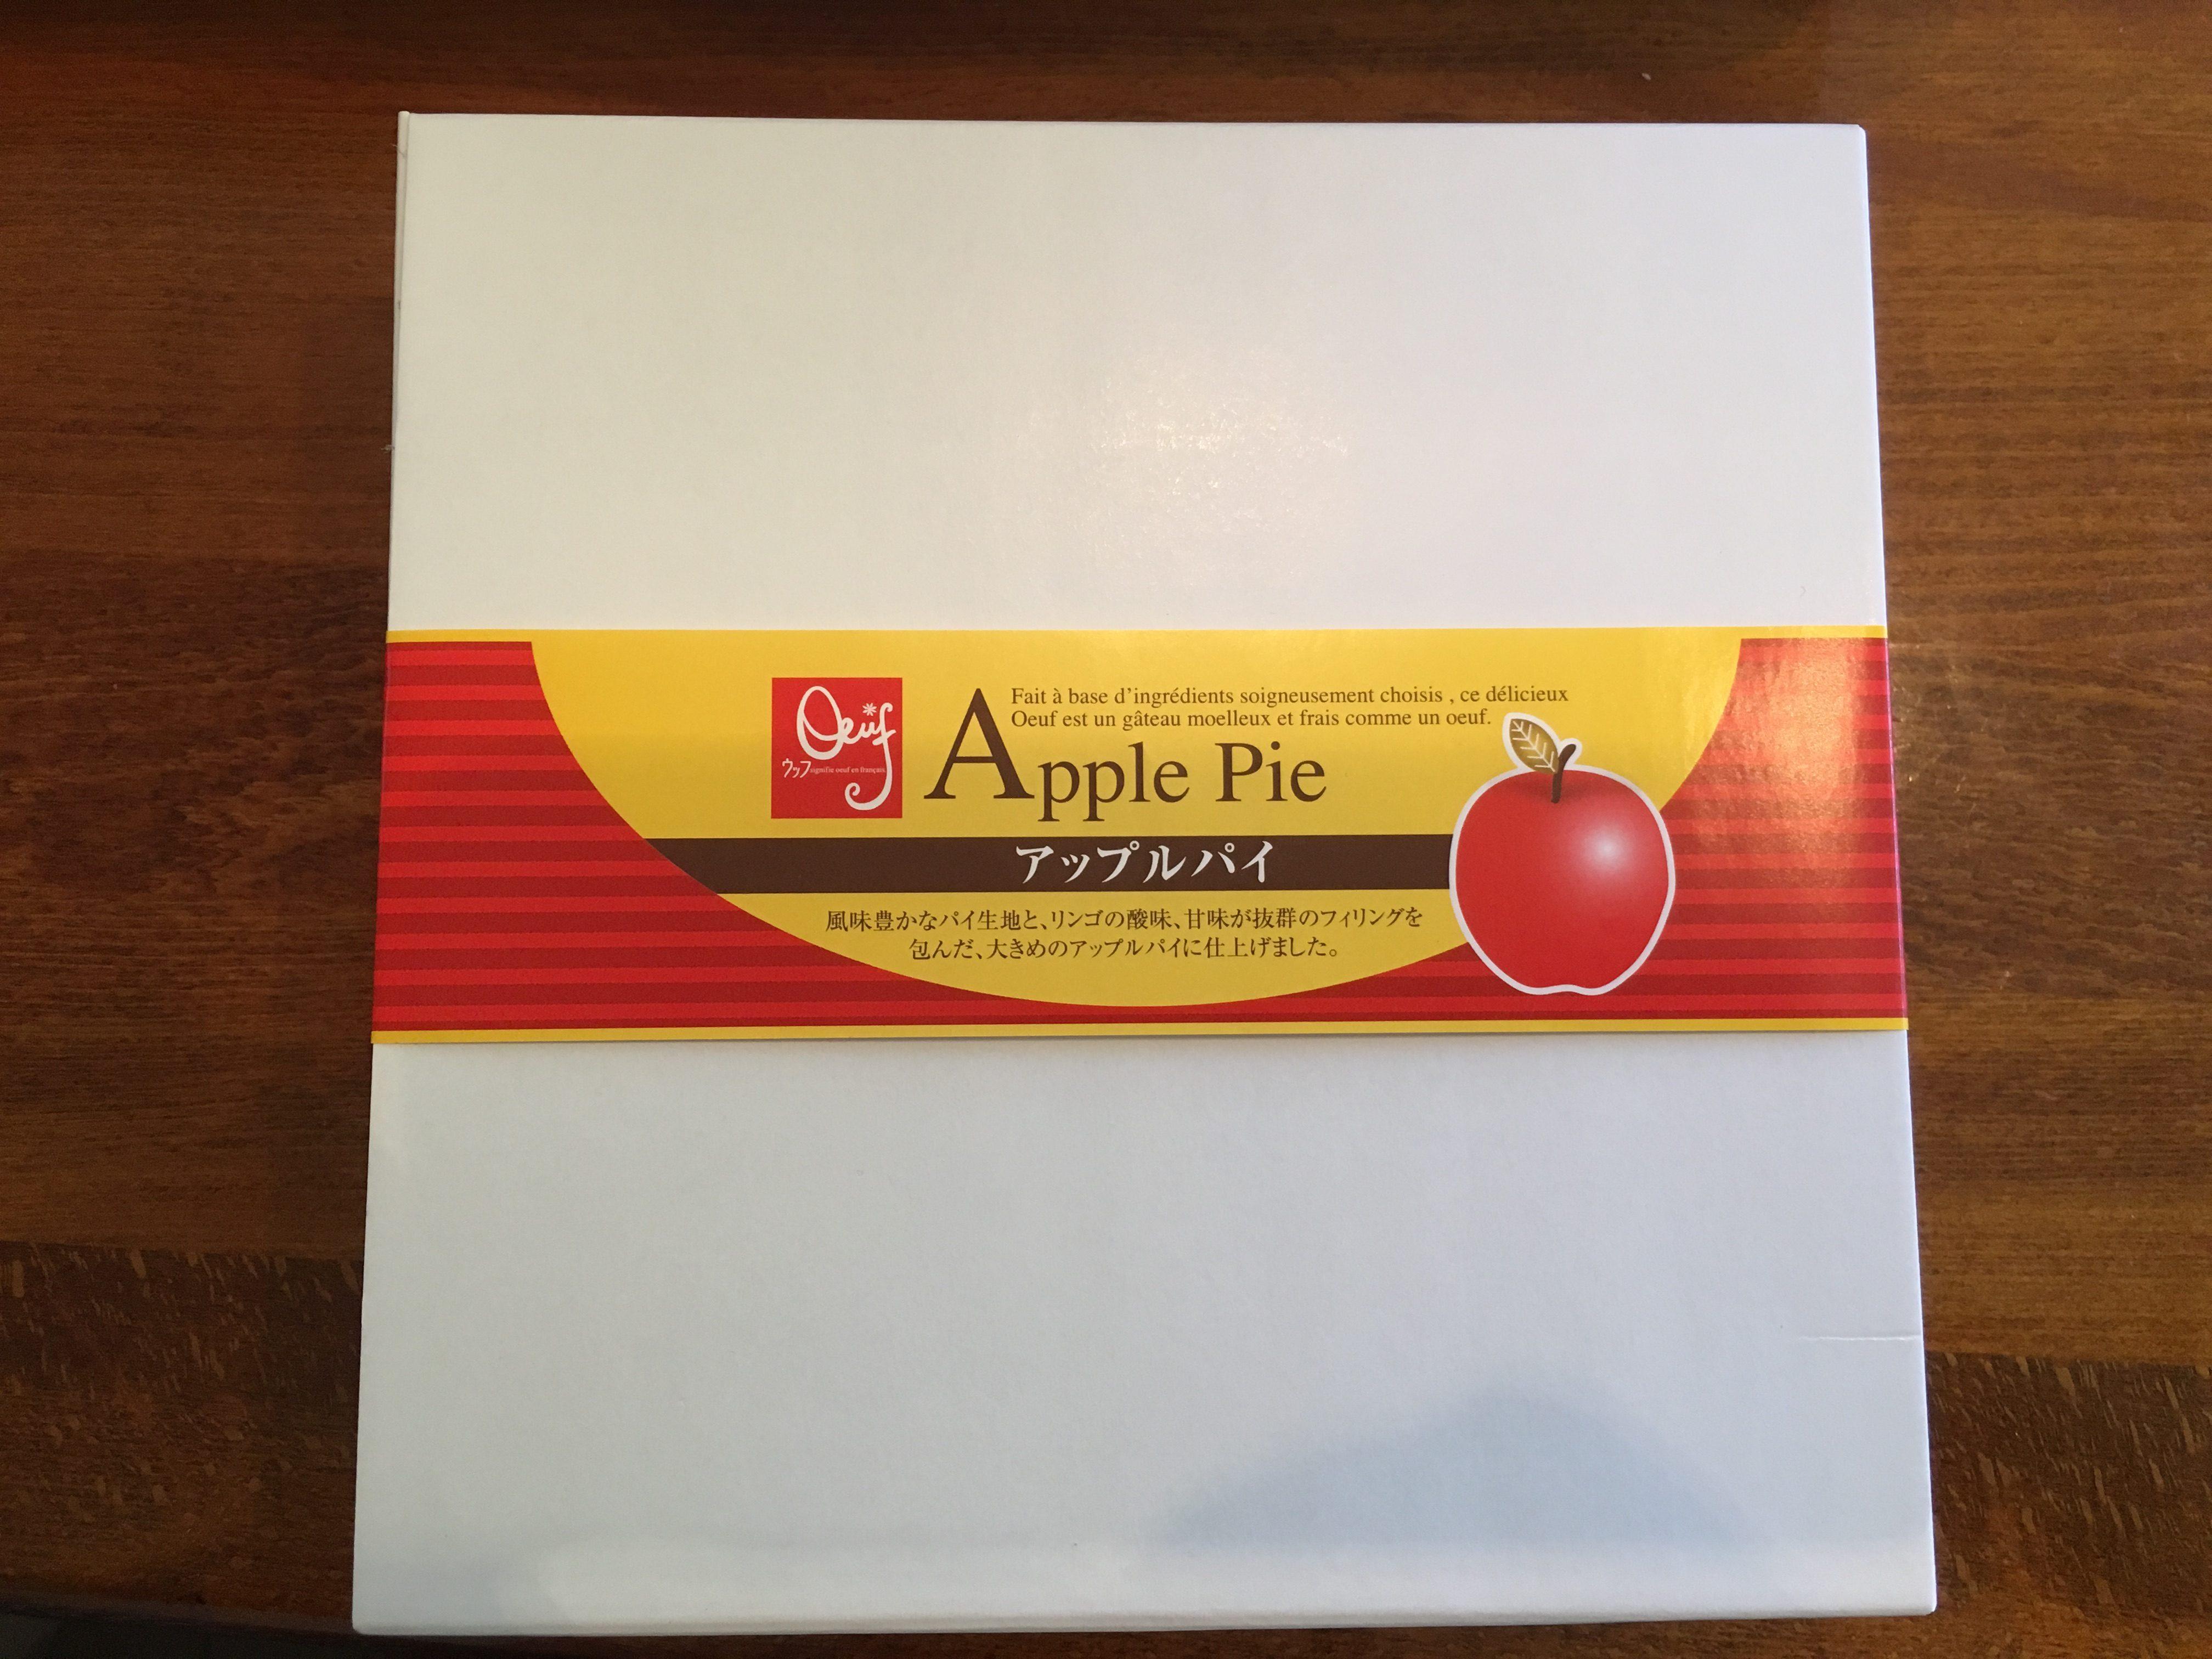 和歌山で有名なウッフのアップルパイを食べてみた味の感想。